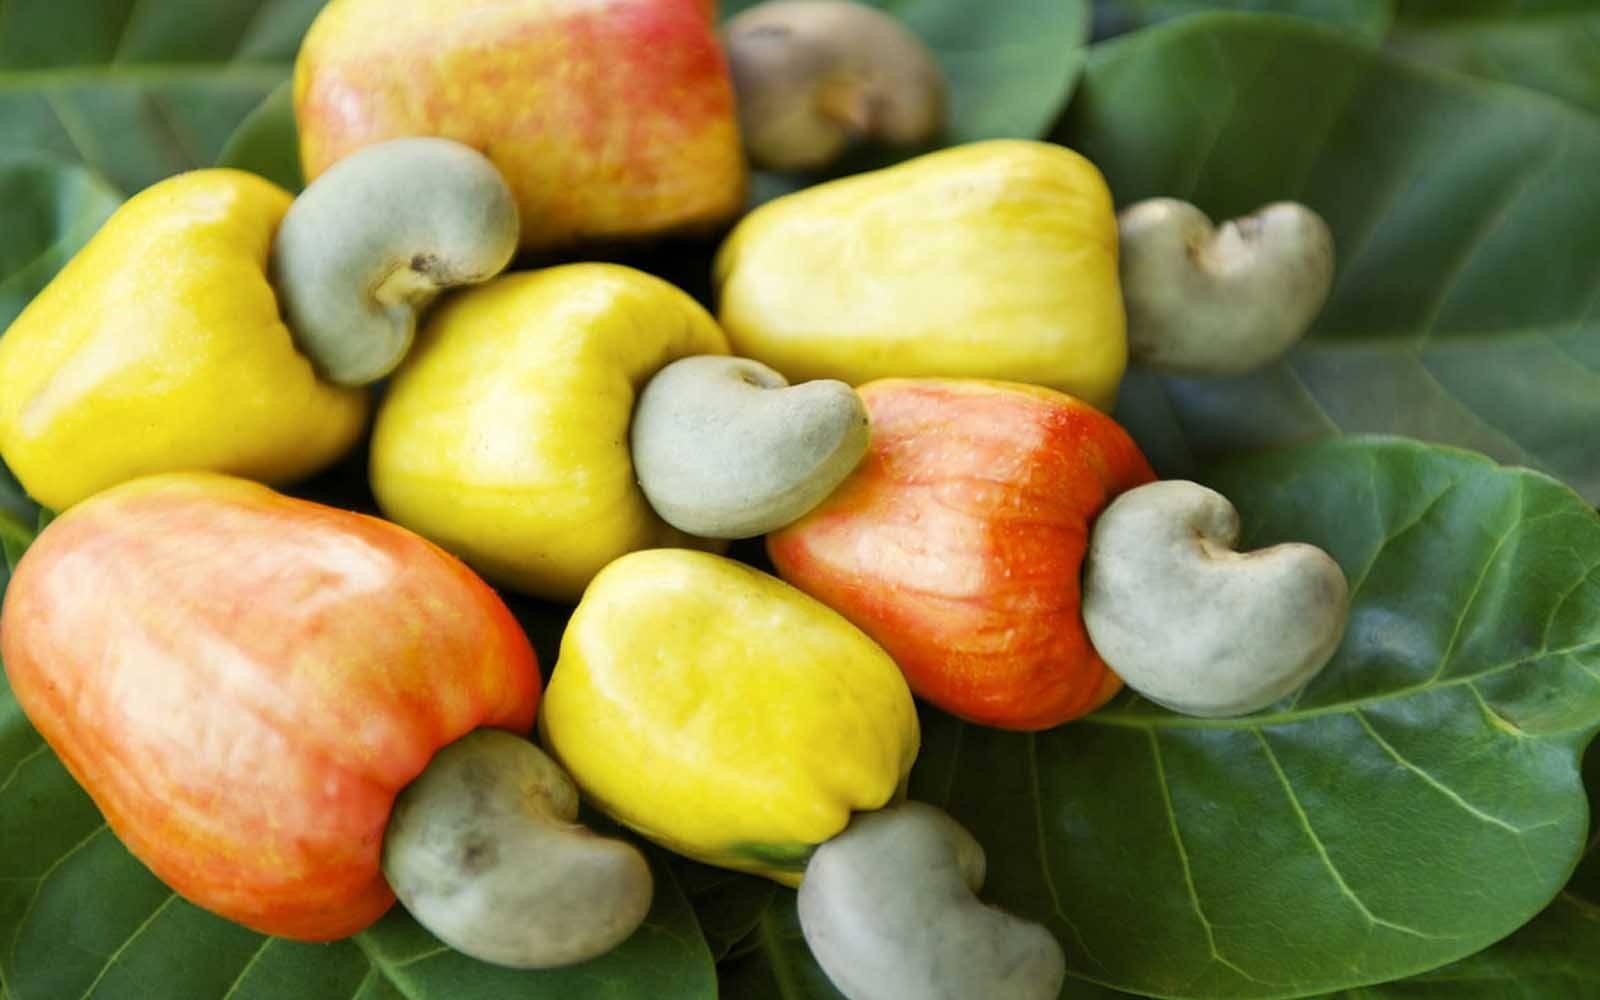 А вы знаете как растет кешью? советы по выращиванию и уходу смешных орешков дома